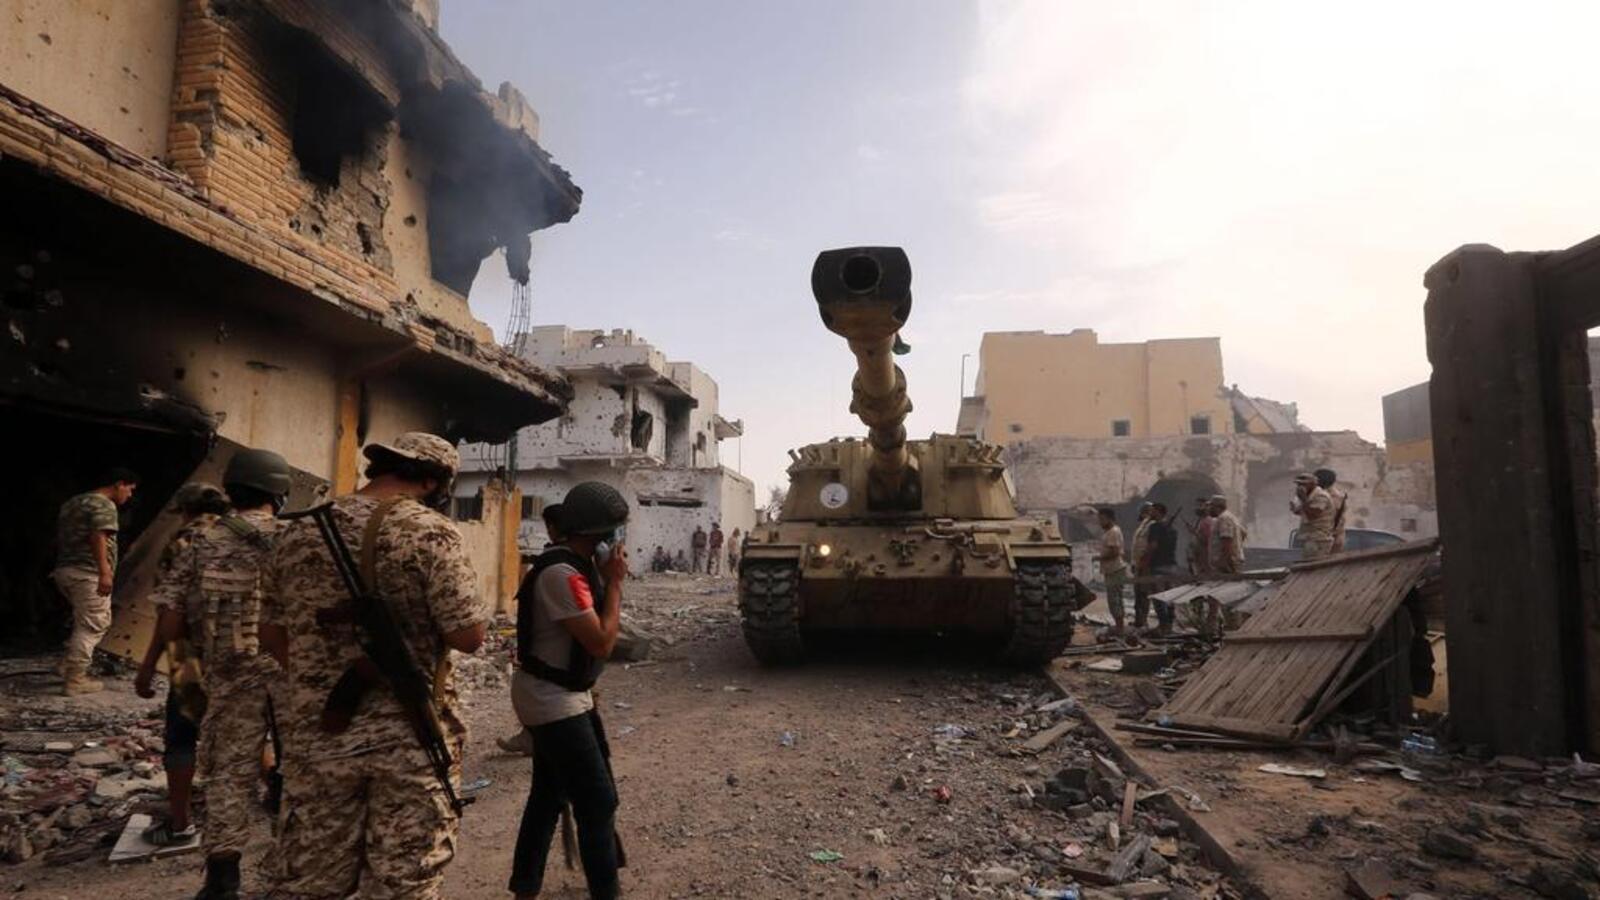 ΕΚΤΑΚΤΟ: Οι φιλότουρκοι υπέκυψαν στον Χαφτάρ: Άρχισαν να παραδίνονται οι στρατιώτες της Τρίπολης – 500 εκατ. στην Τουρκία από προμήθειες όπλων